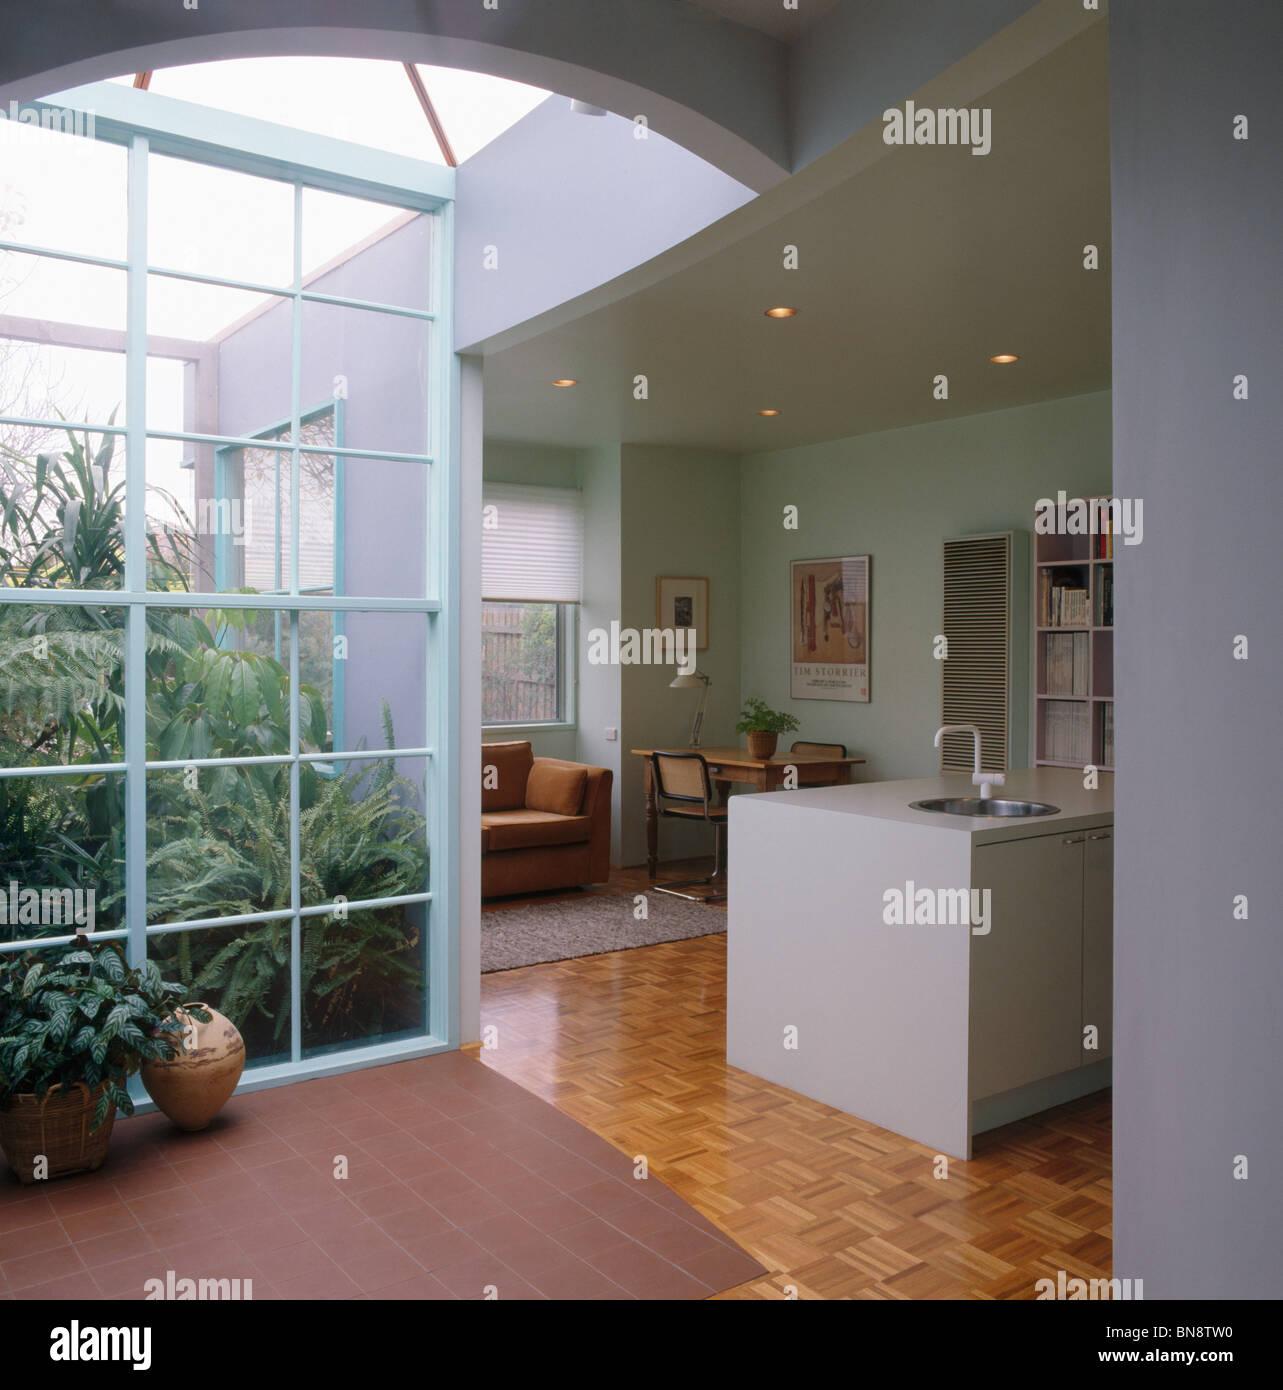 Salon Et Cuisine Aire Ouverte dans l'atrium moderne à aire ouverte salon et cuisine banque